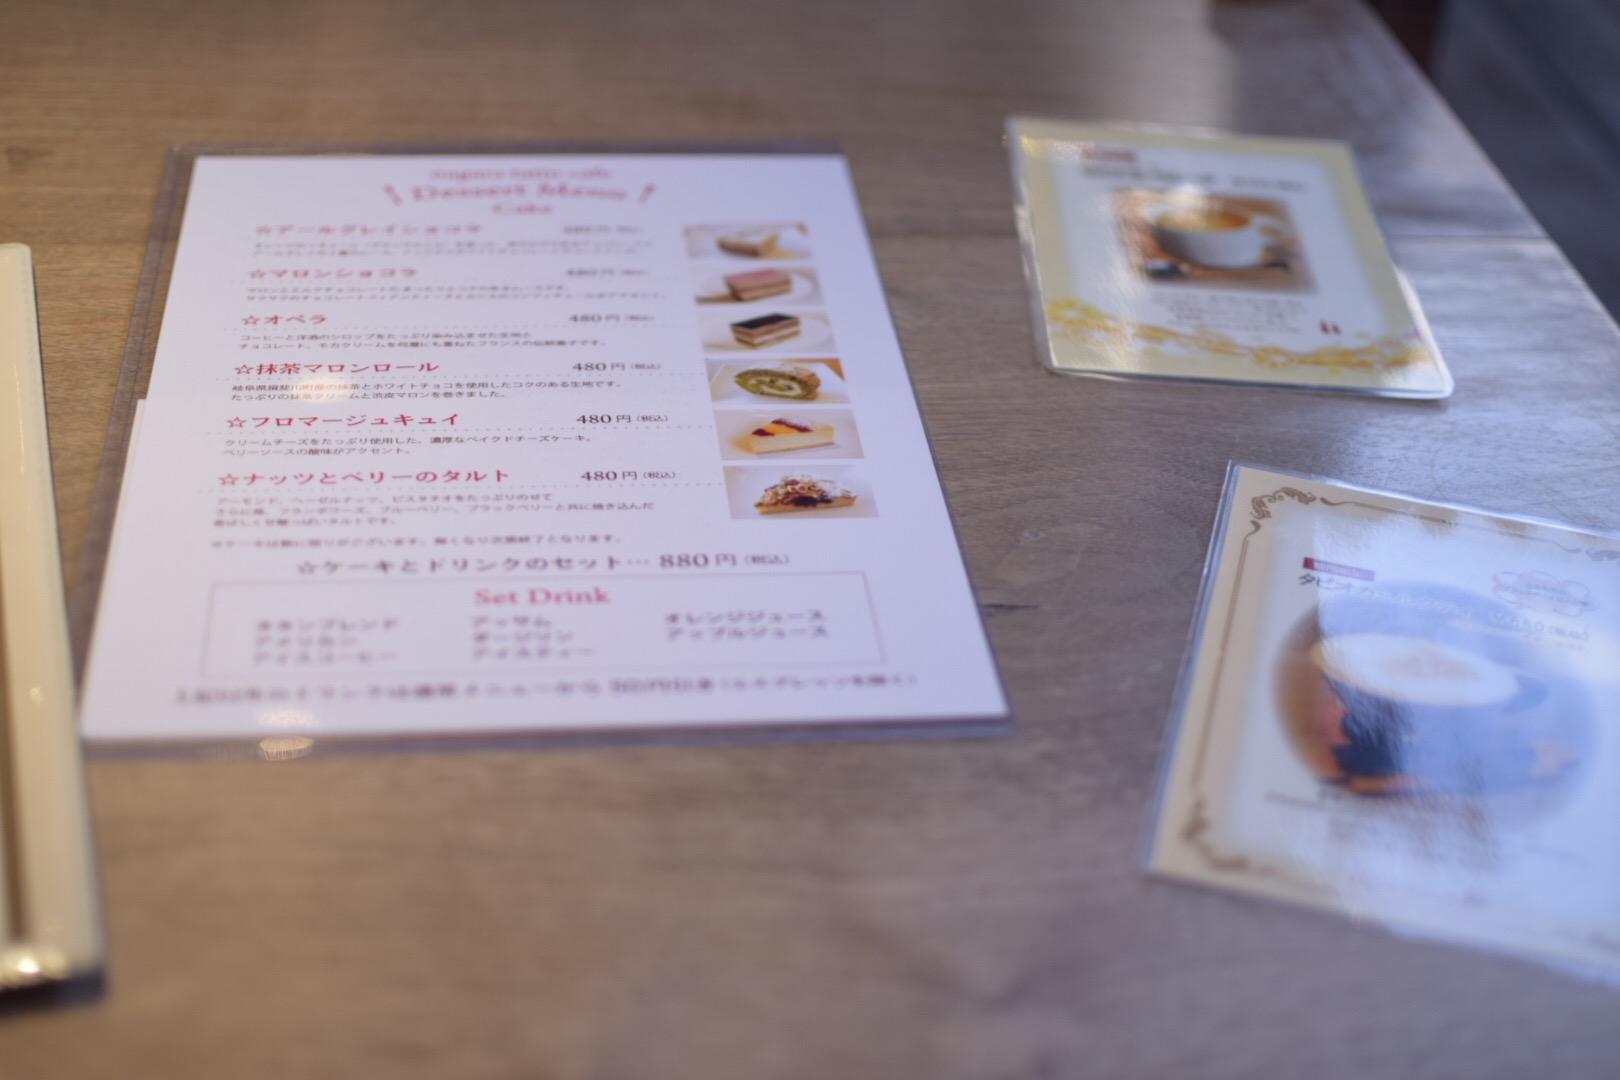 【岐阜 カフェ】積み木パウンドケーキで有名な ナガラタタンのタタンカフェ 【川原町】_3